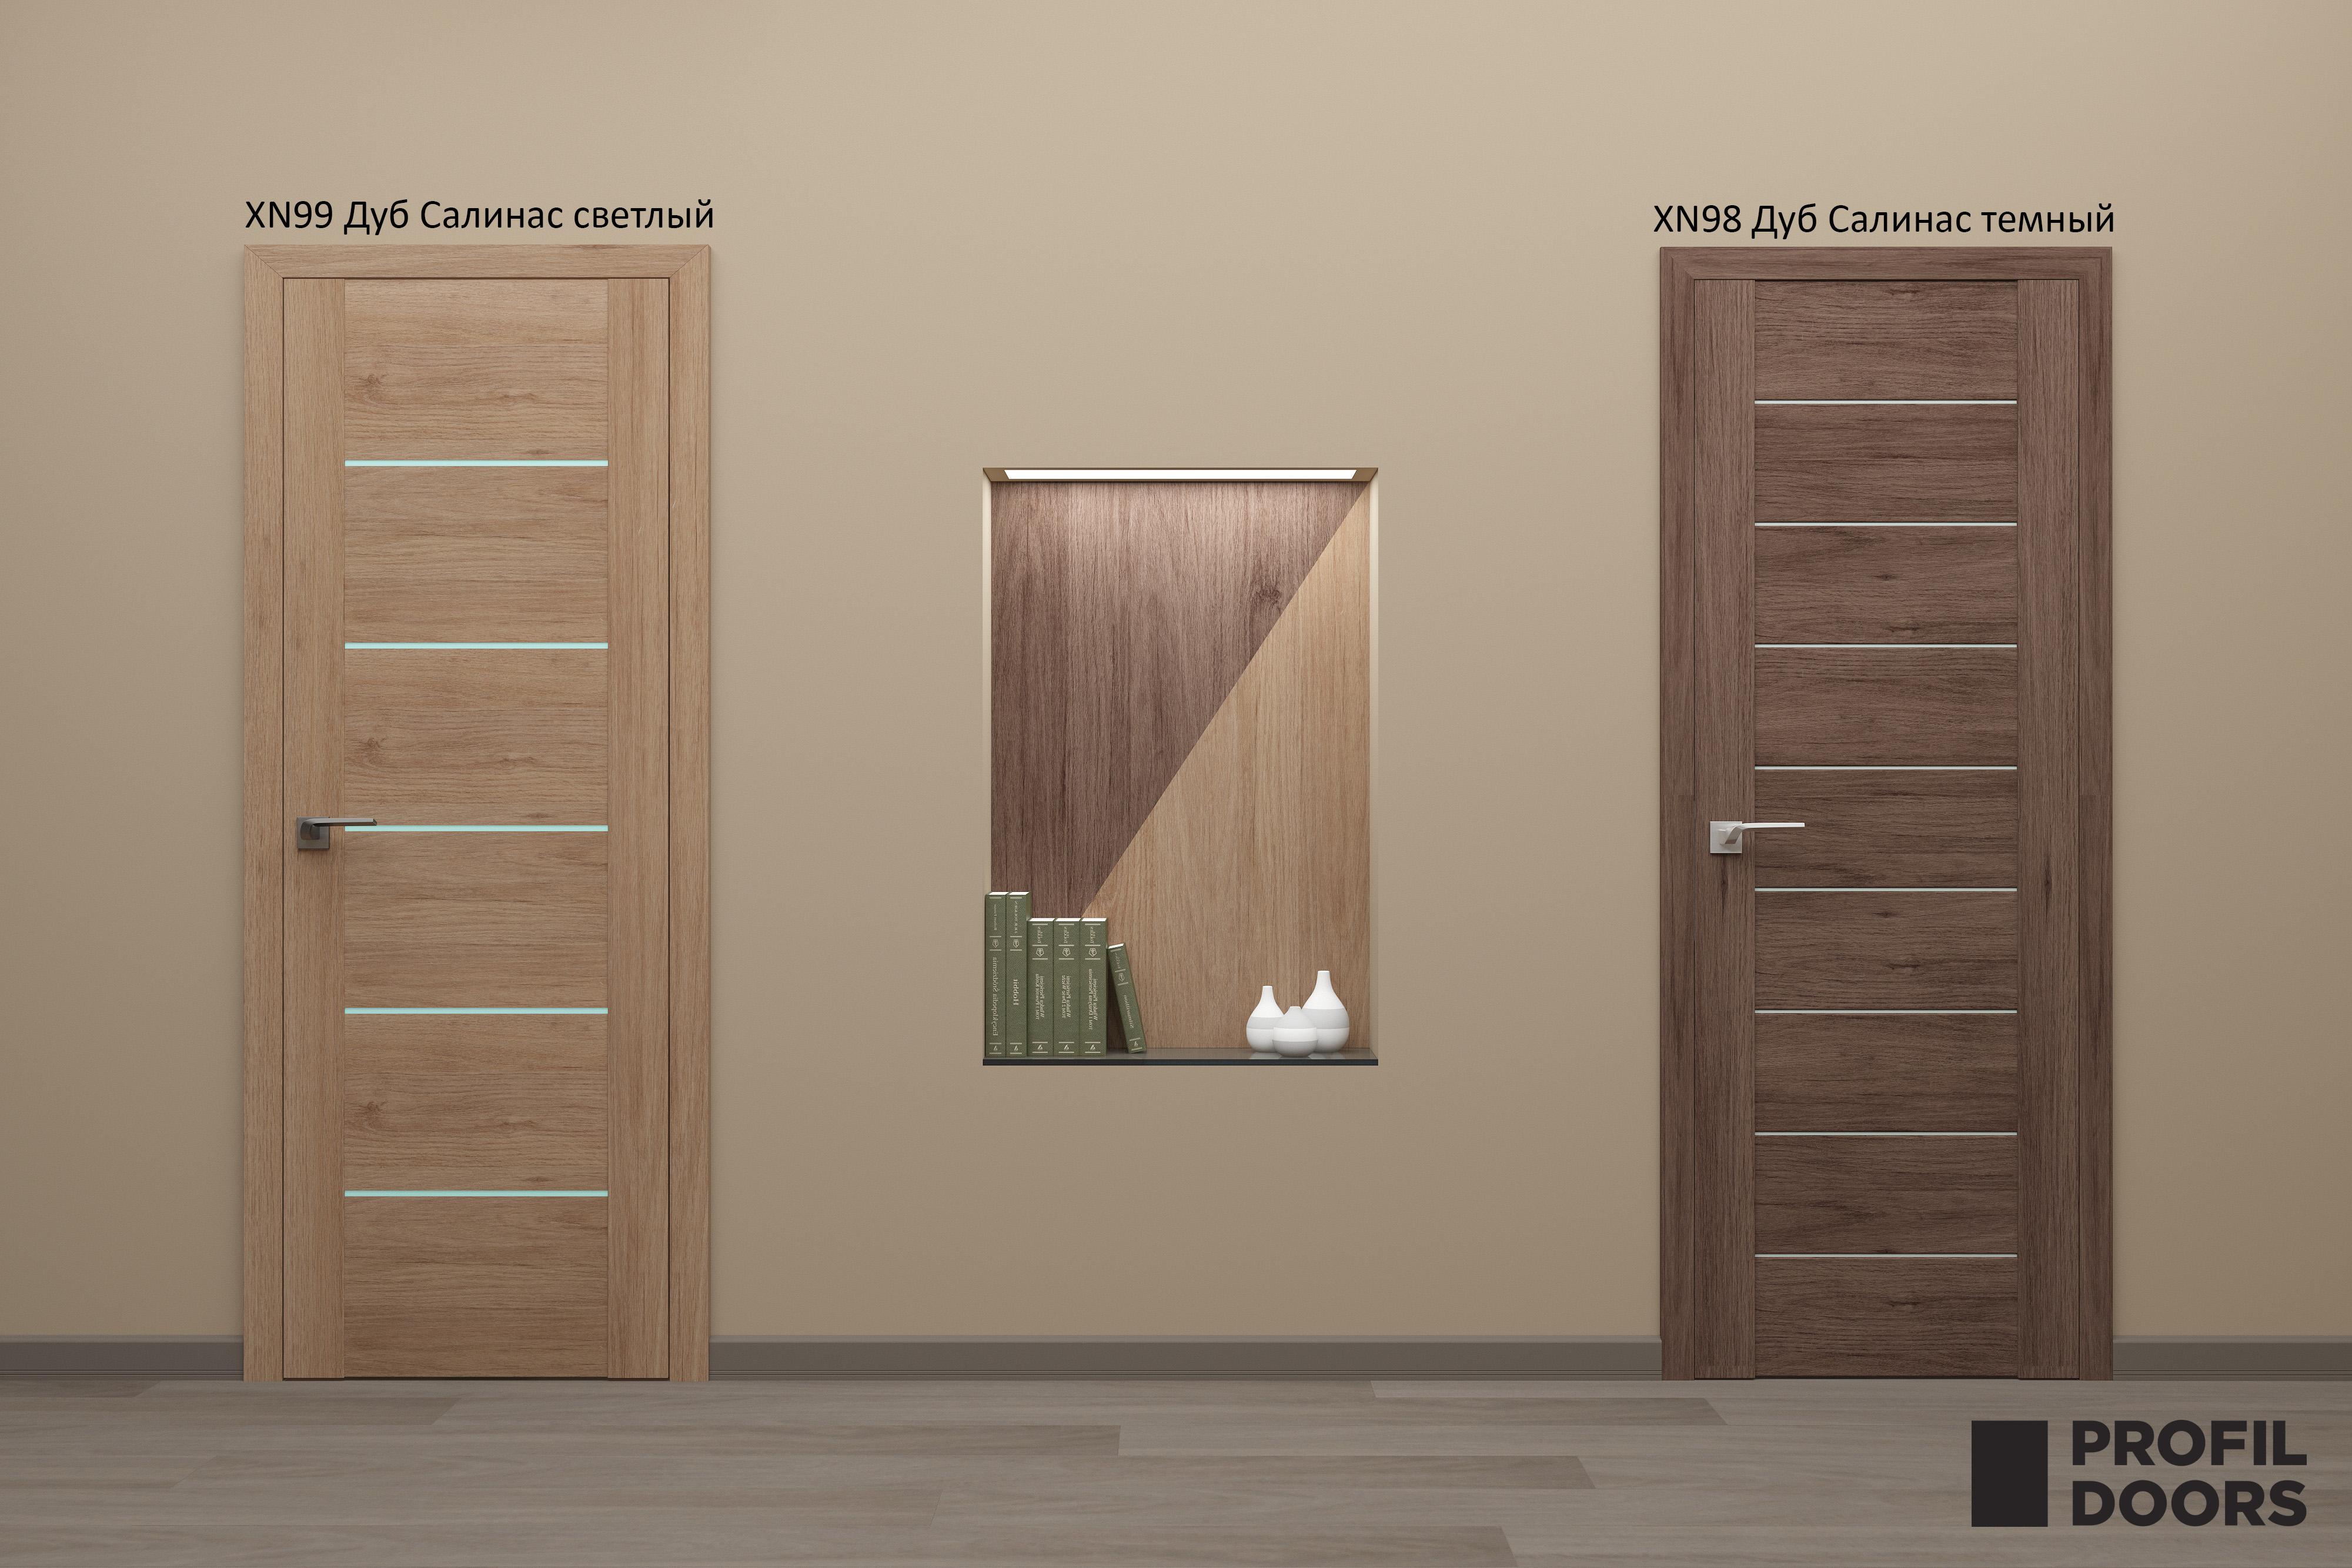 Как подобрать двери для интерьера в стиле неоклассика?